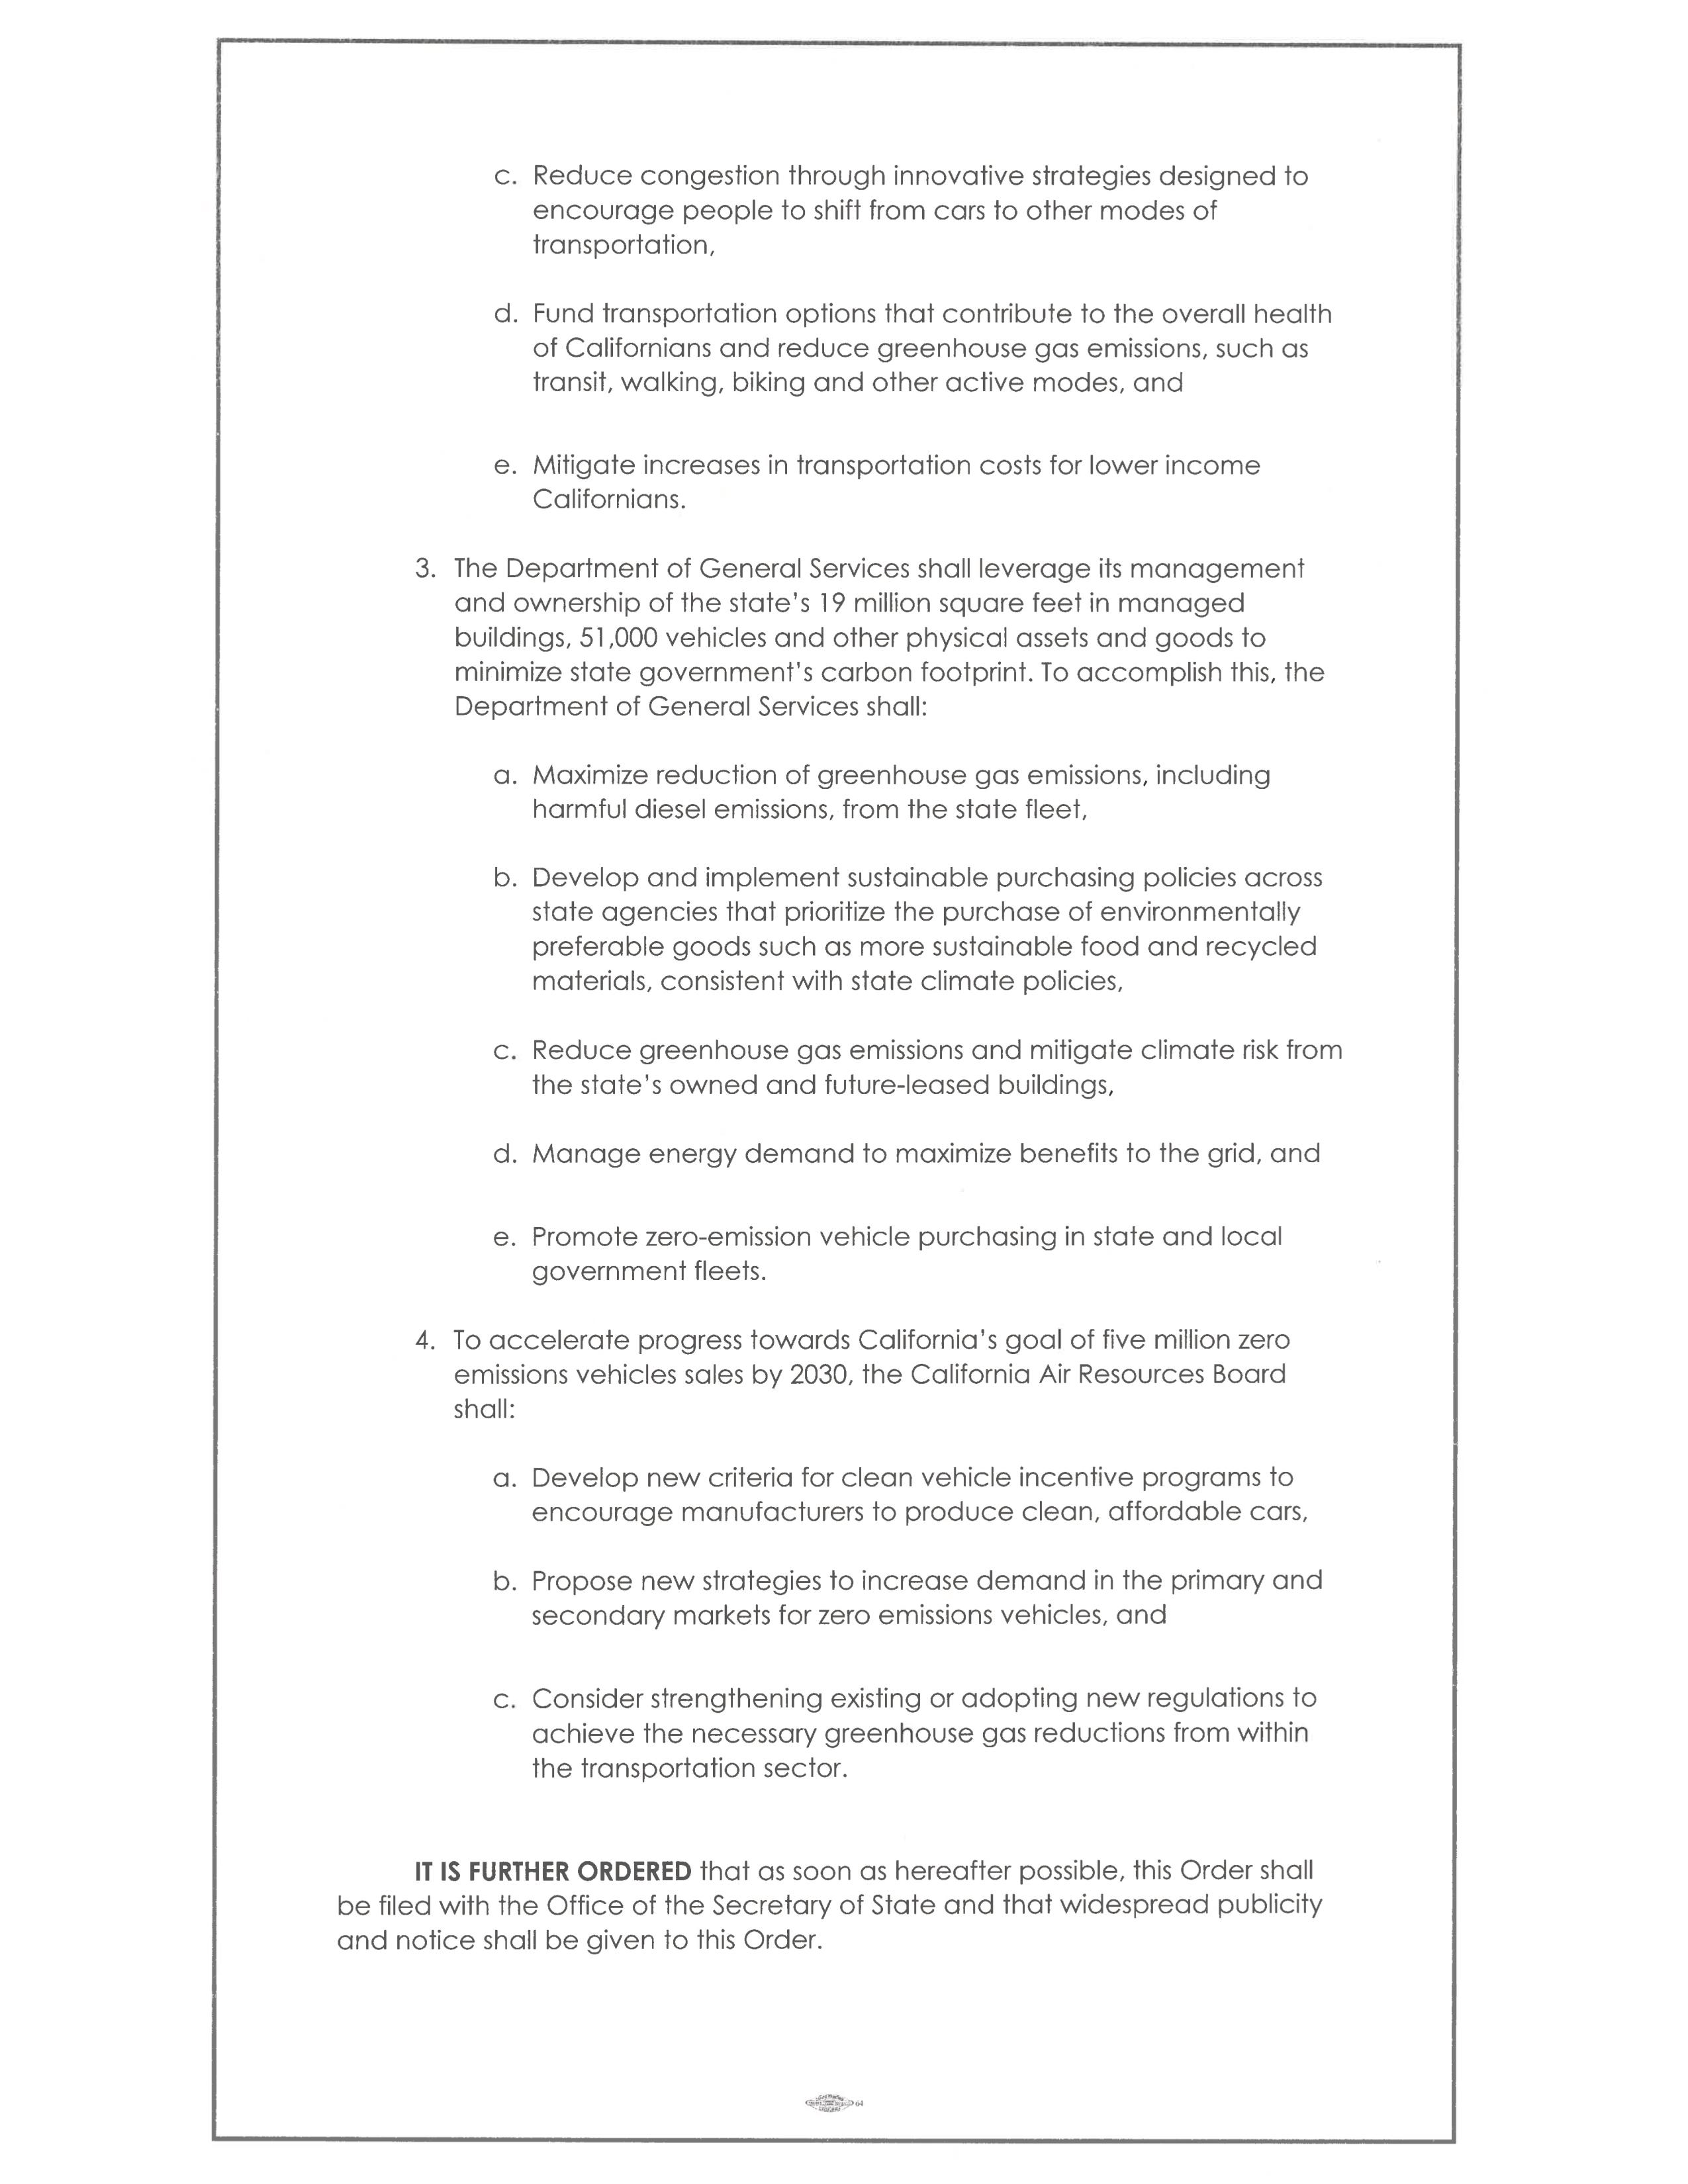 9.20.19-Climate-EO-N-19-19 pg 3